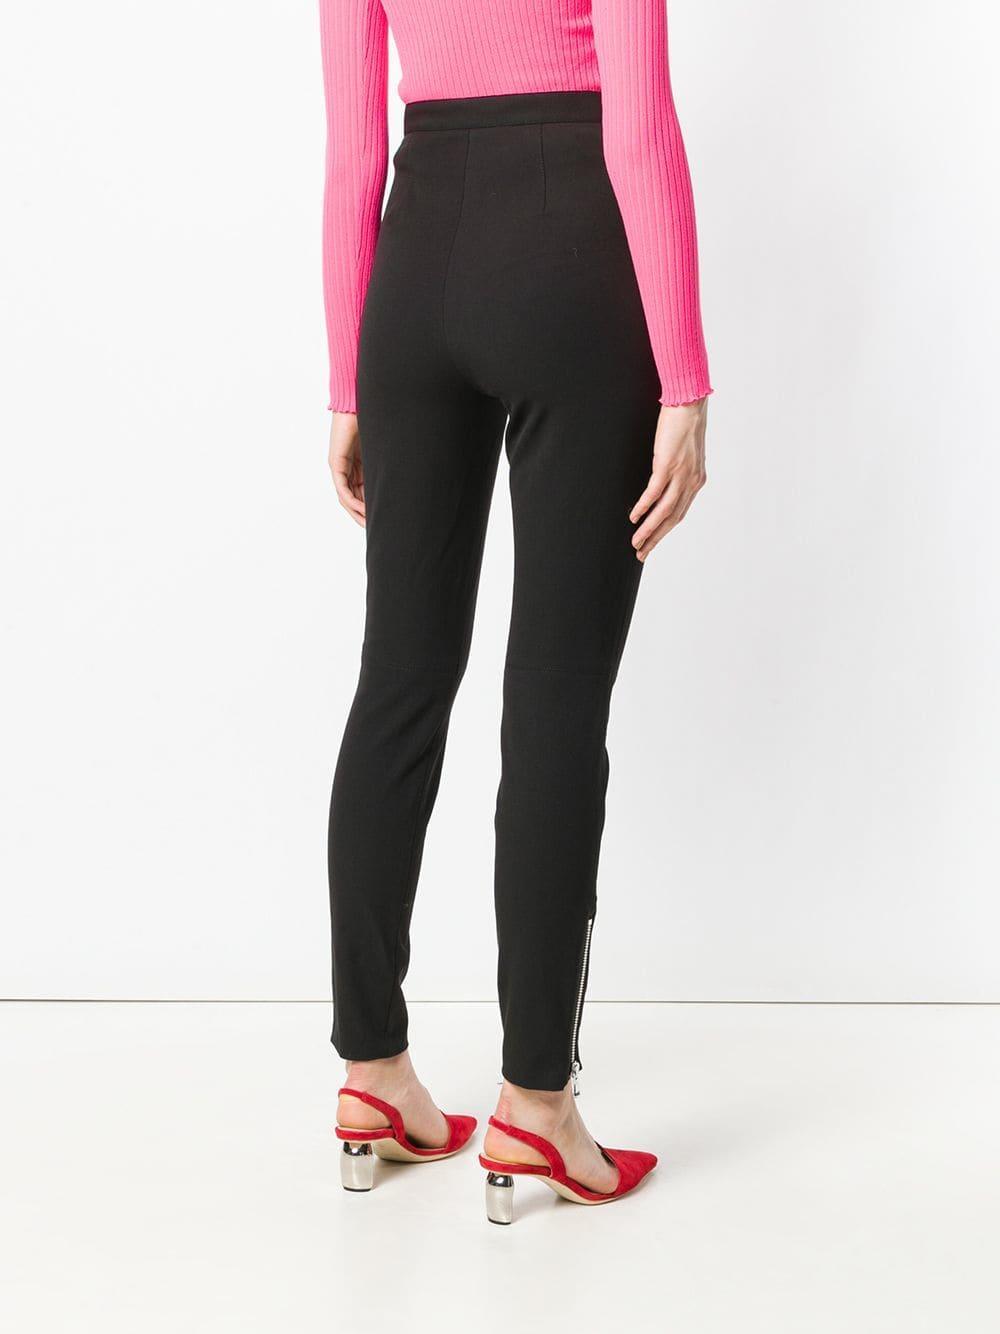 Pantalones pitillo 3.1 Phillip Lim de Algodón de color Negro